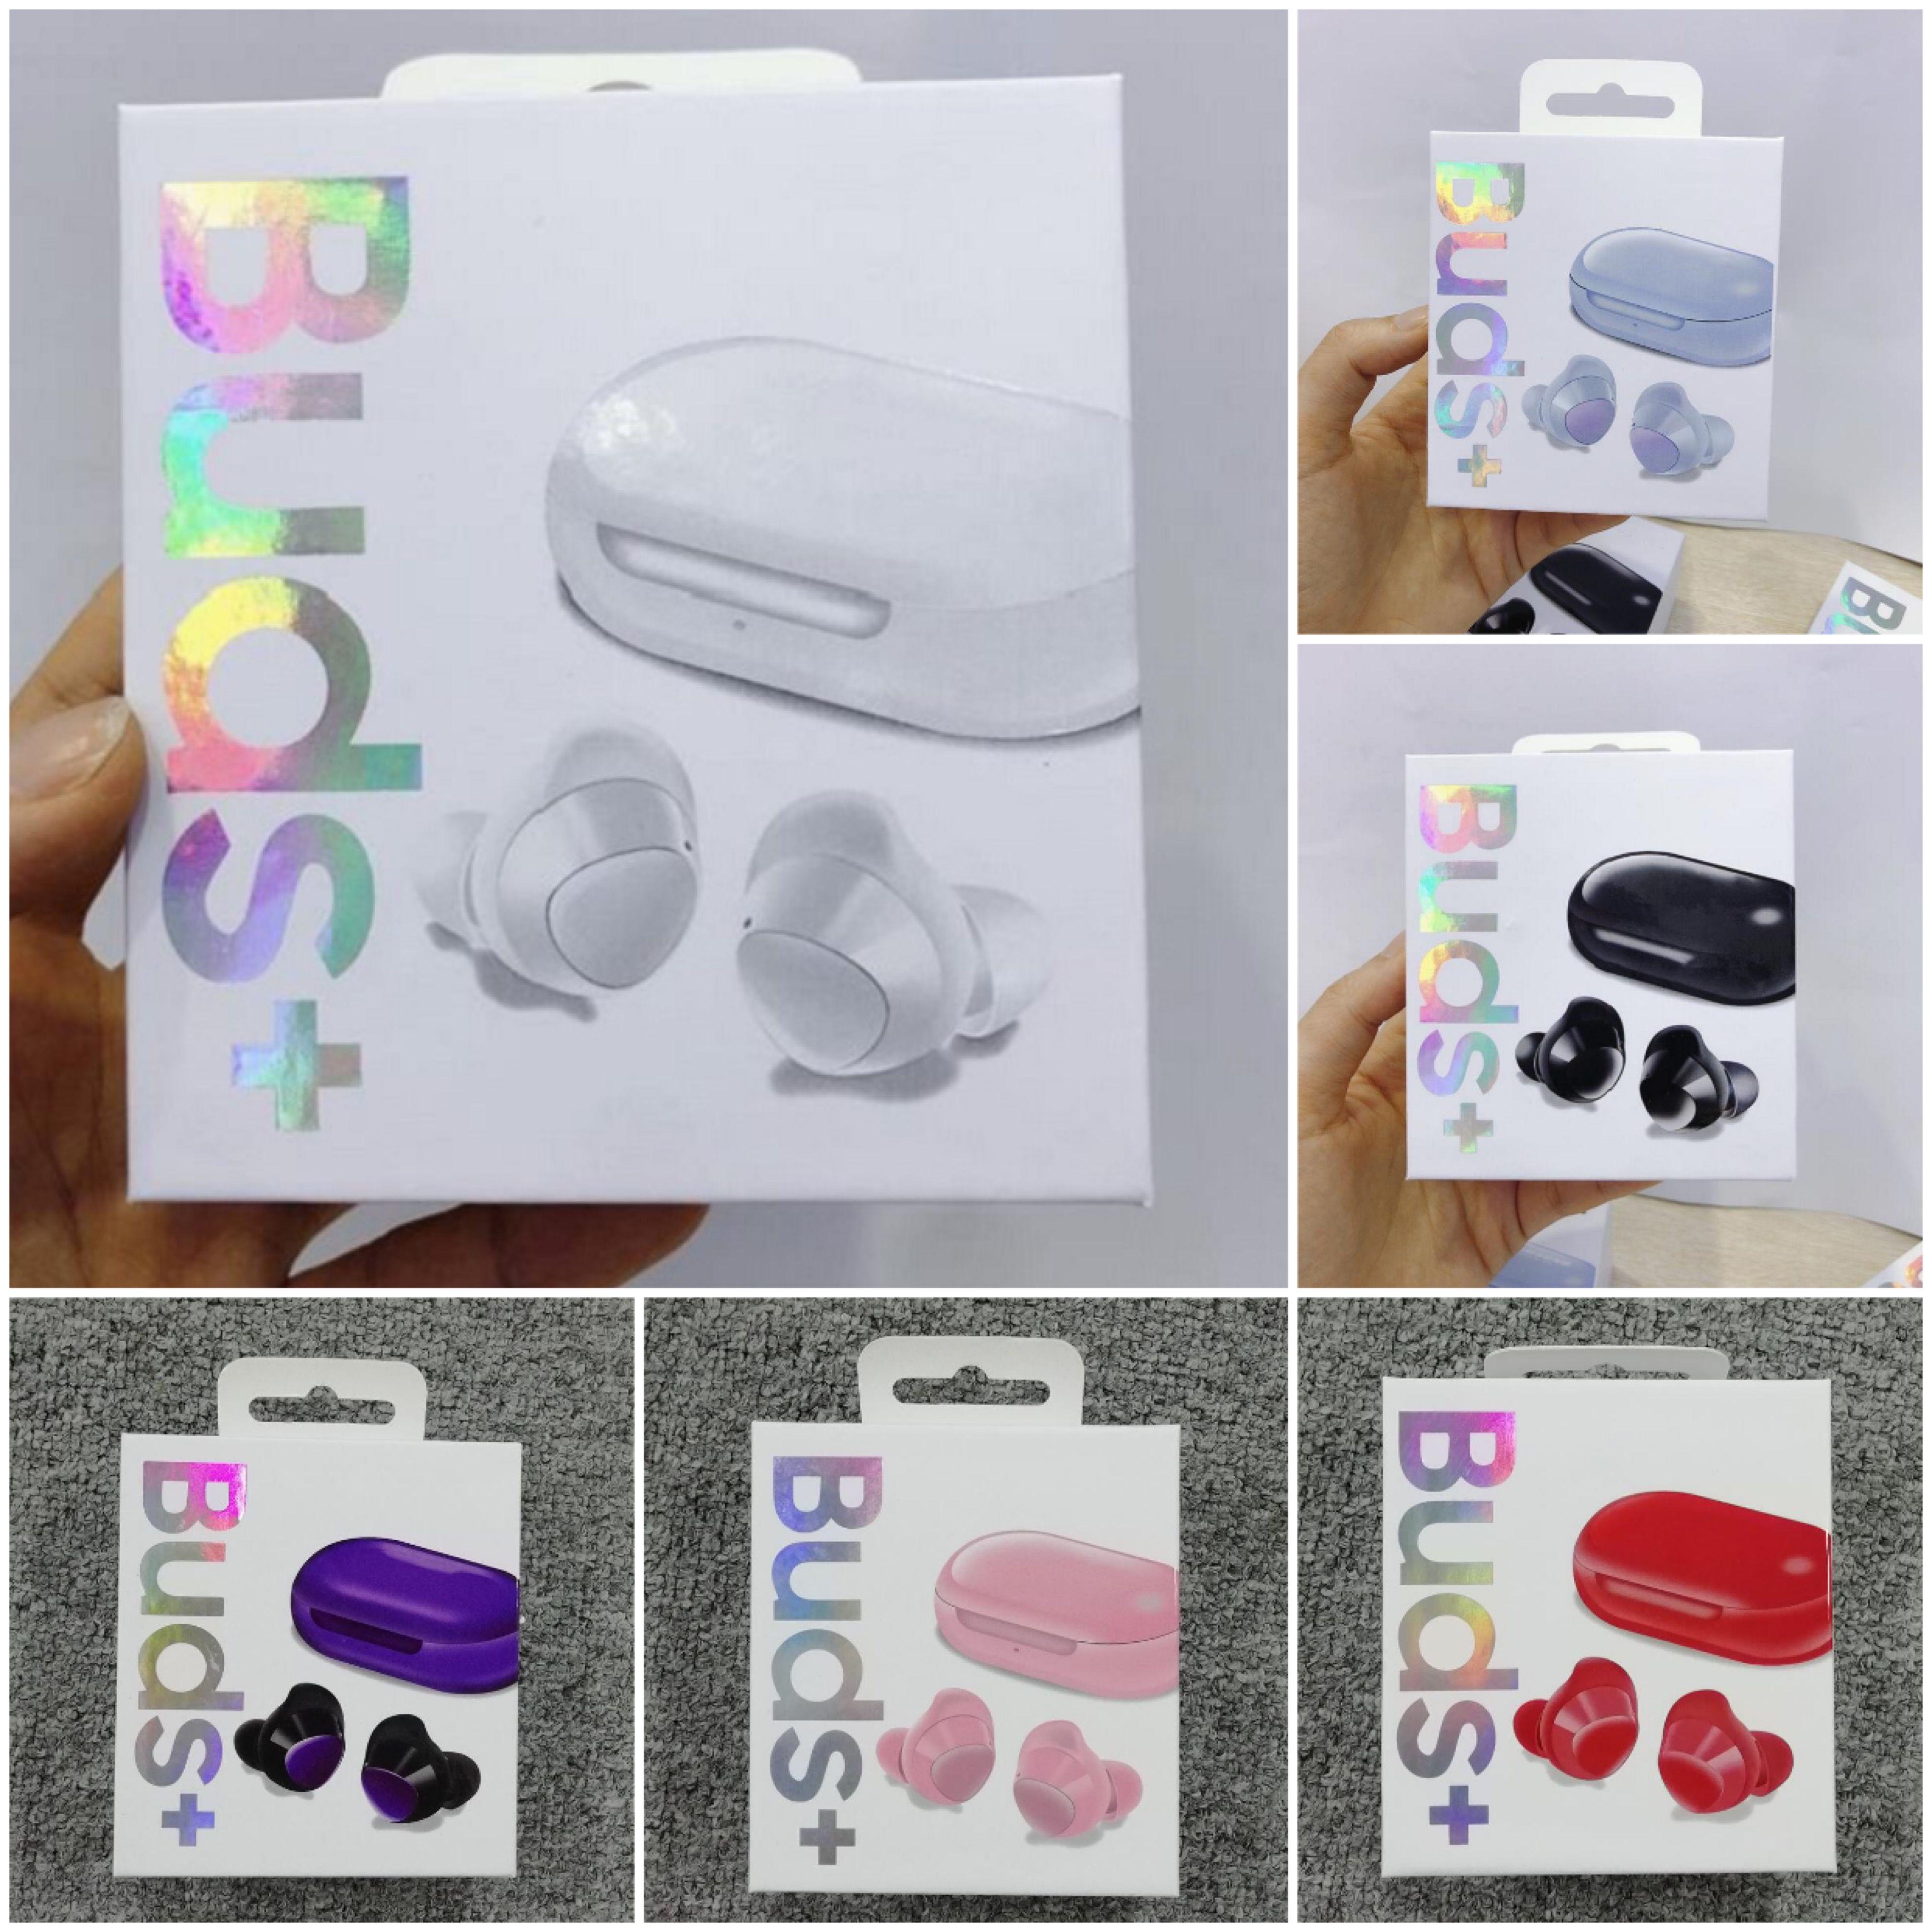 안드로이드 삼성 갤럭시에 대한 DHL 미니 TWS 블루투스 귀 꽃 봉오리 플러스 무선 헤드폰 헤드셋과 마이크 스테레오 블루투스 4.1 이어폰